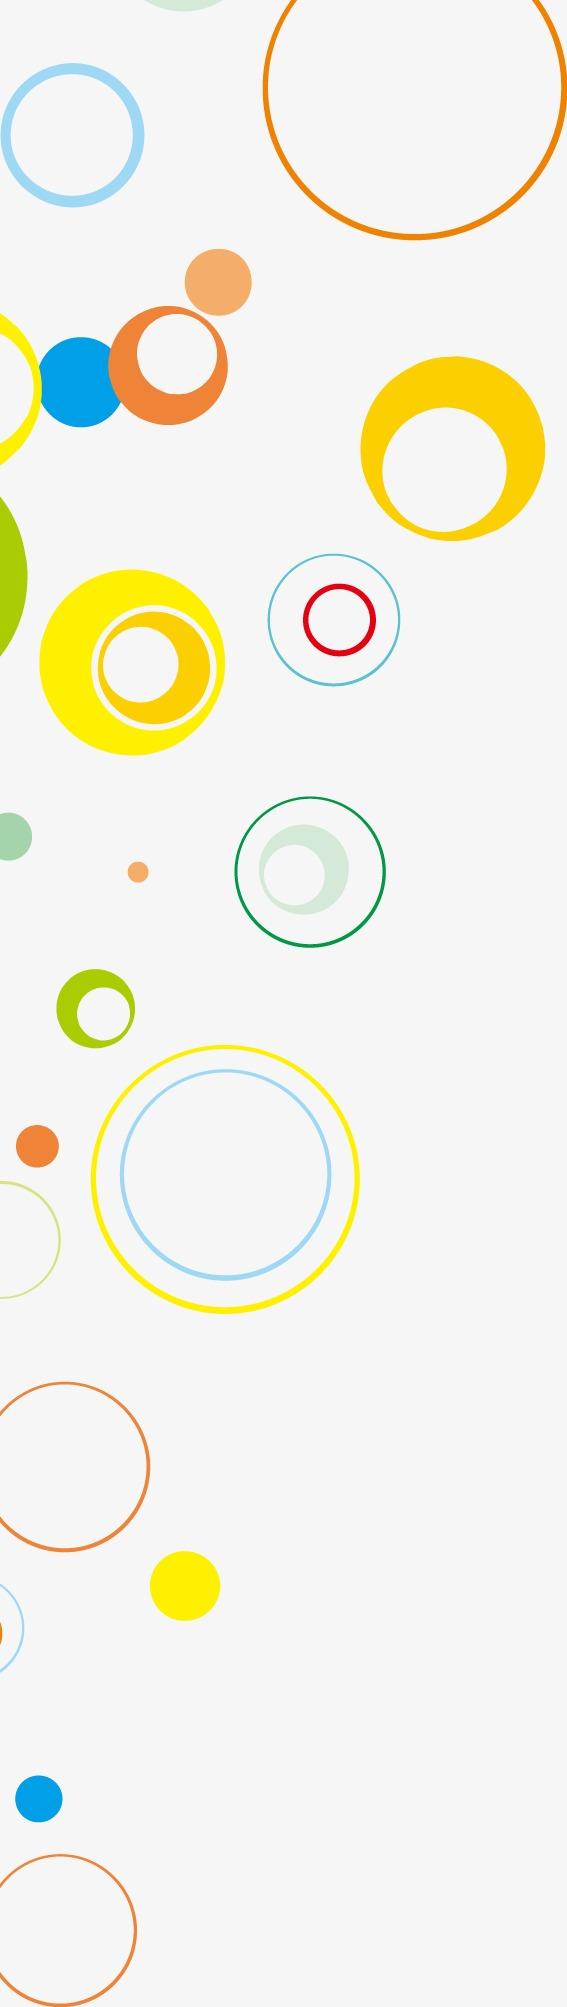 设计元素 背景素材 其他 > 创意彩色圈圈名片底纹  [版权图片] 找相似